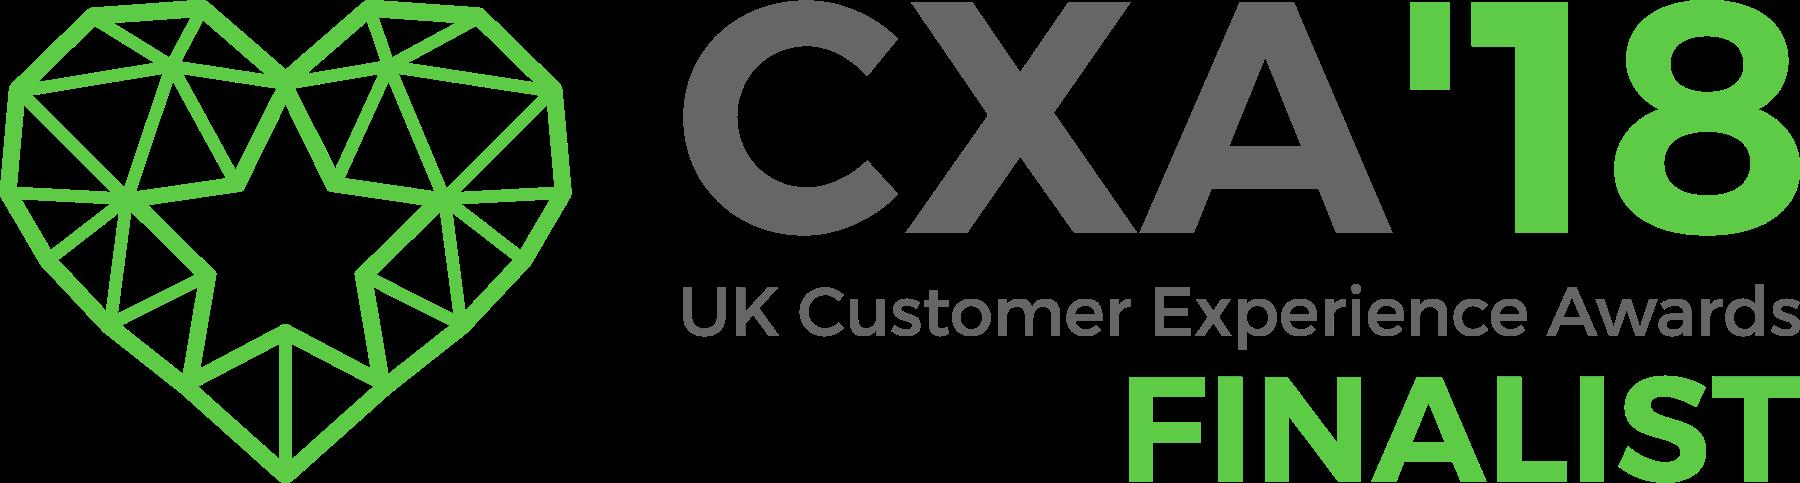 CXA logo